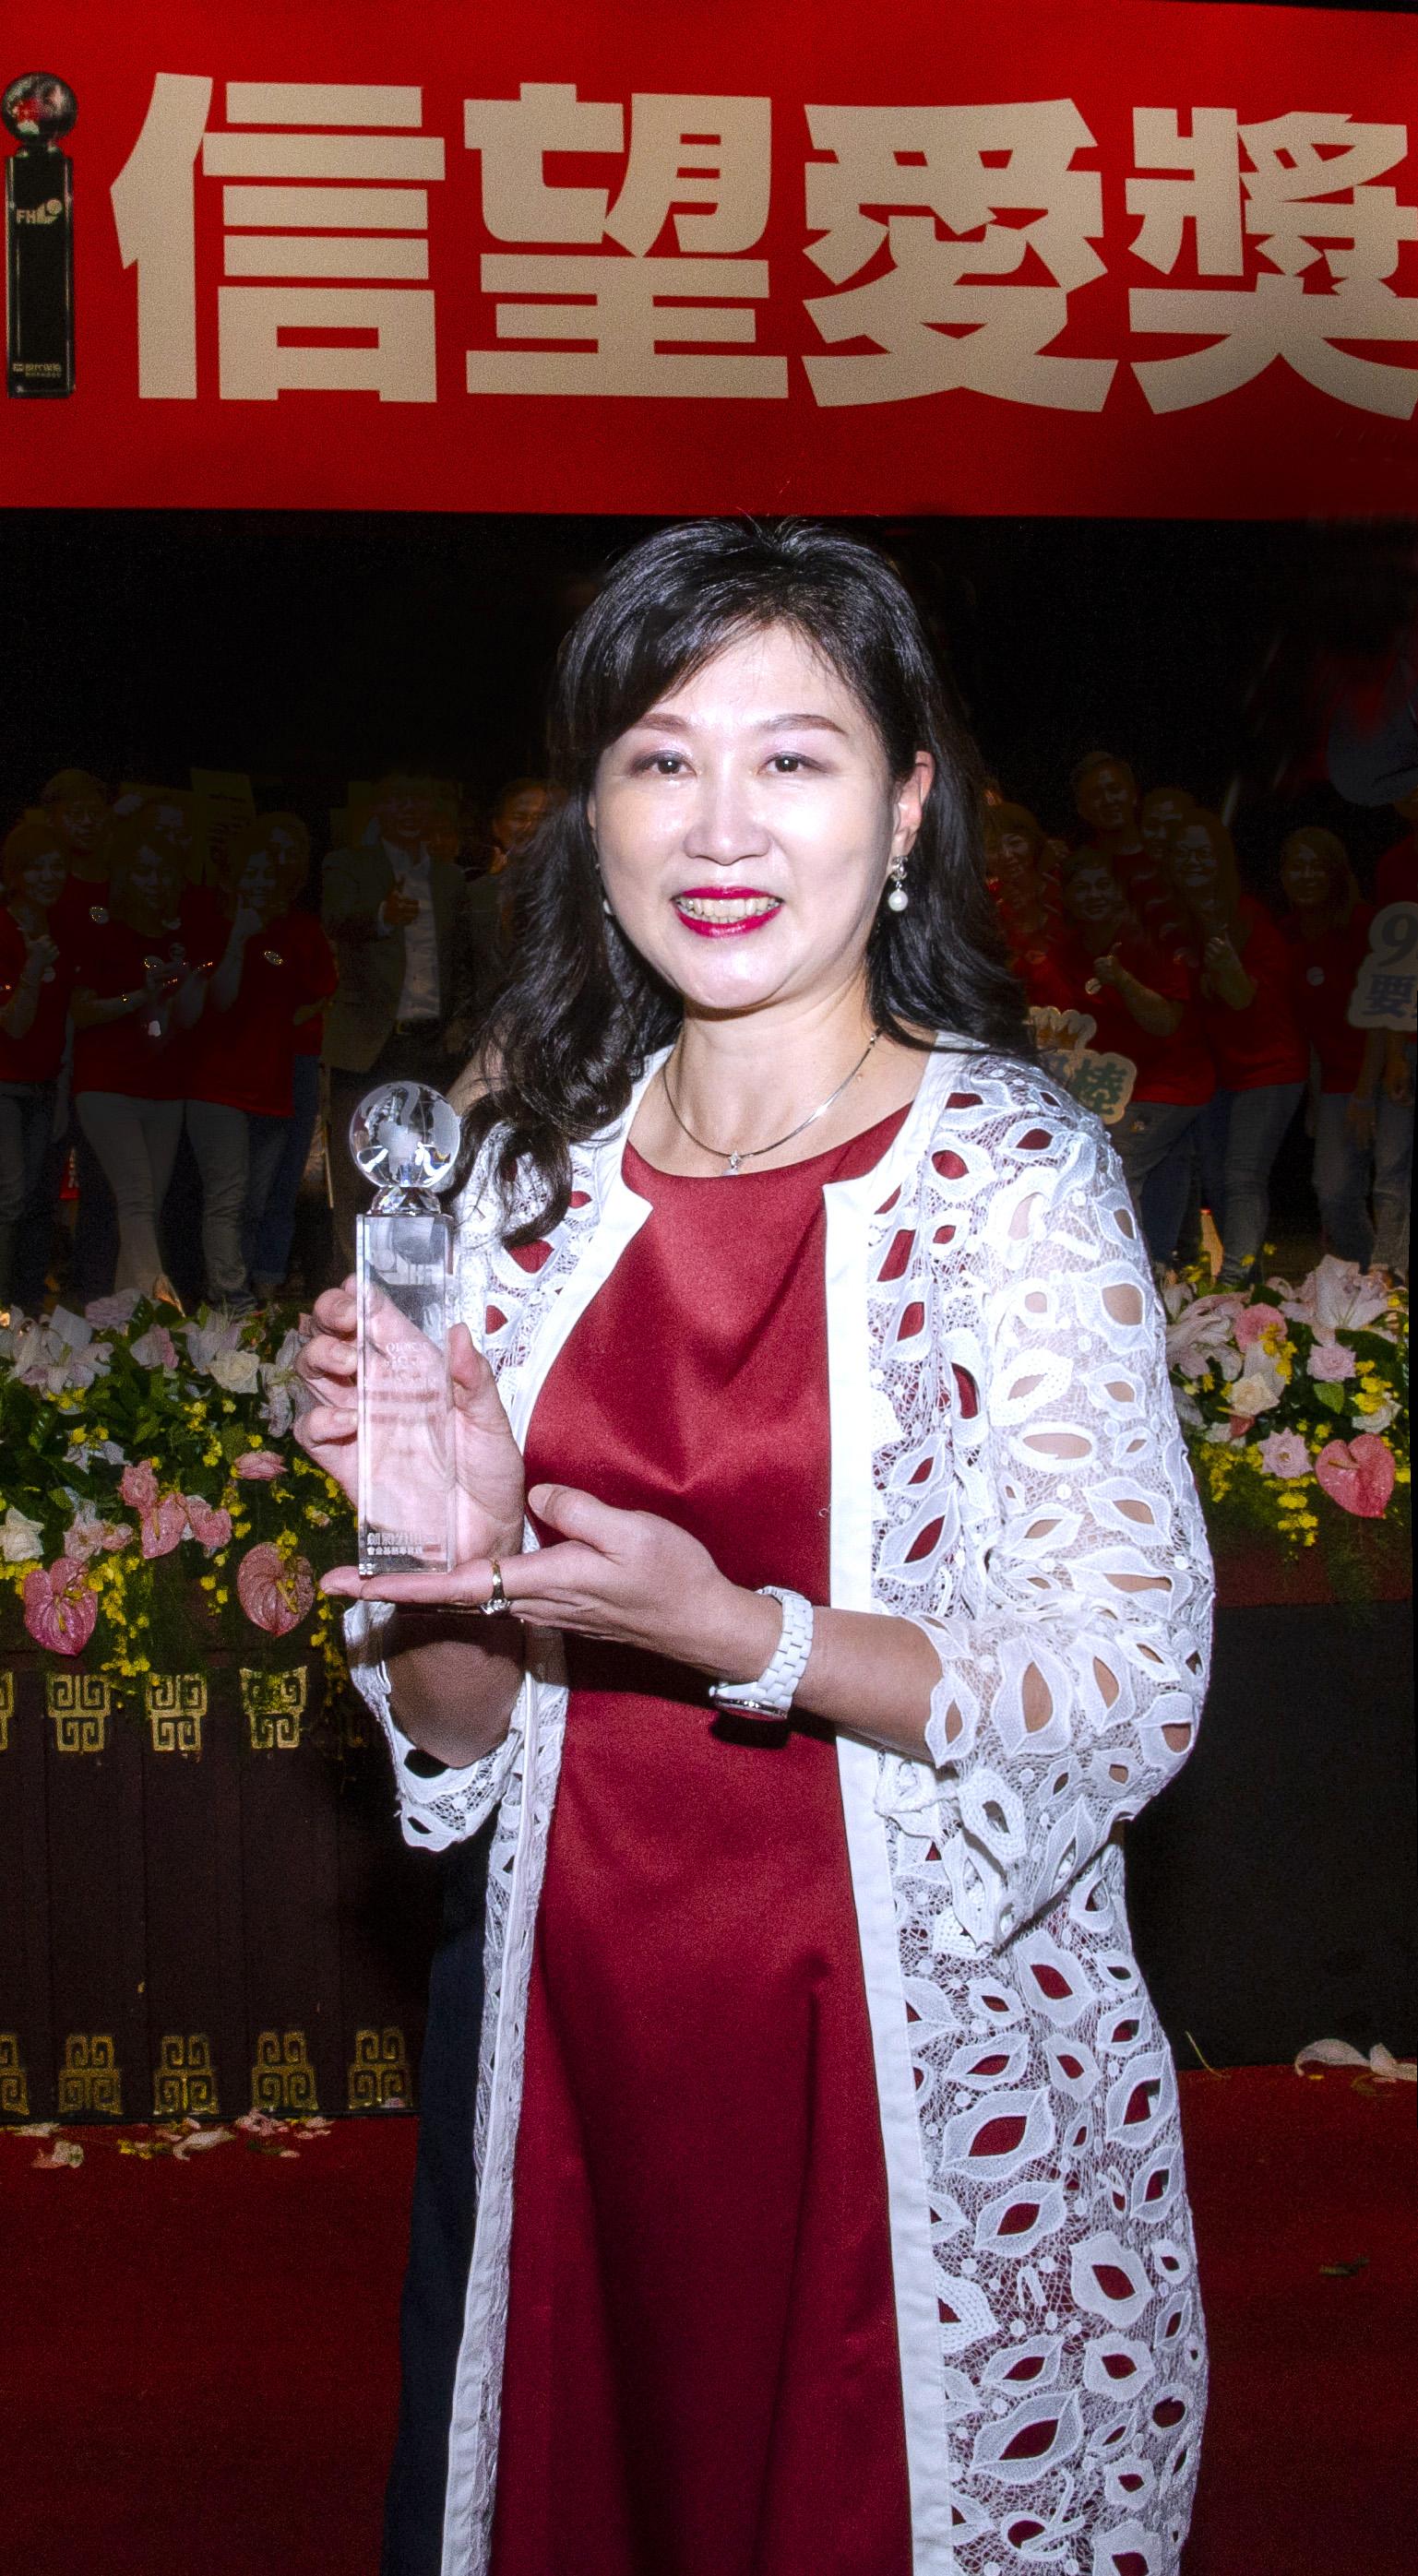 張貞芬業務籌備協理榮獲「最佳社會貢獻獎」優選。